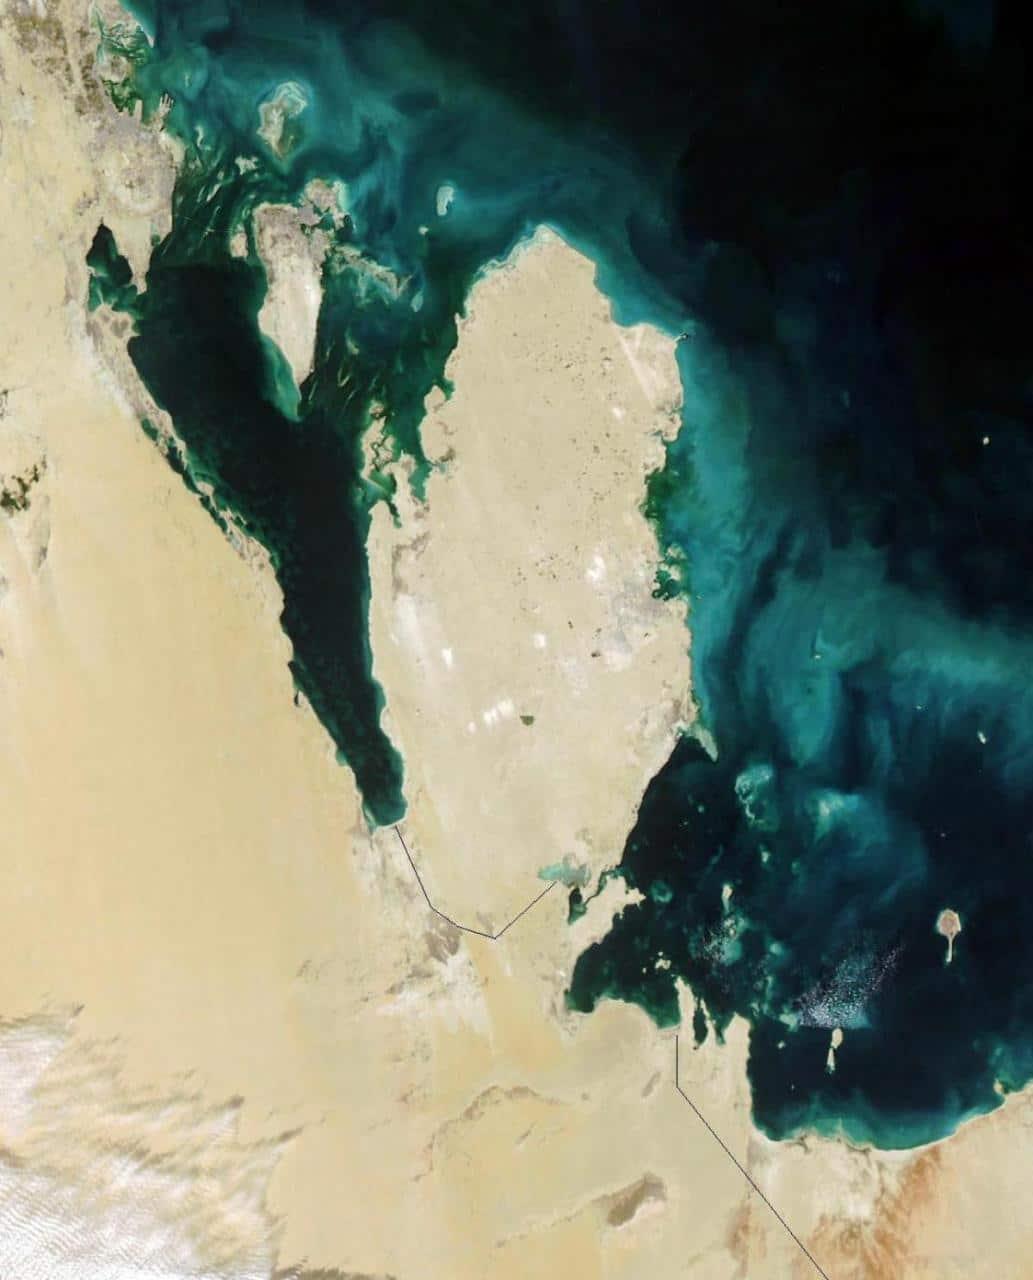 خريطة قطر بالقمر الصناعي